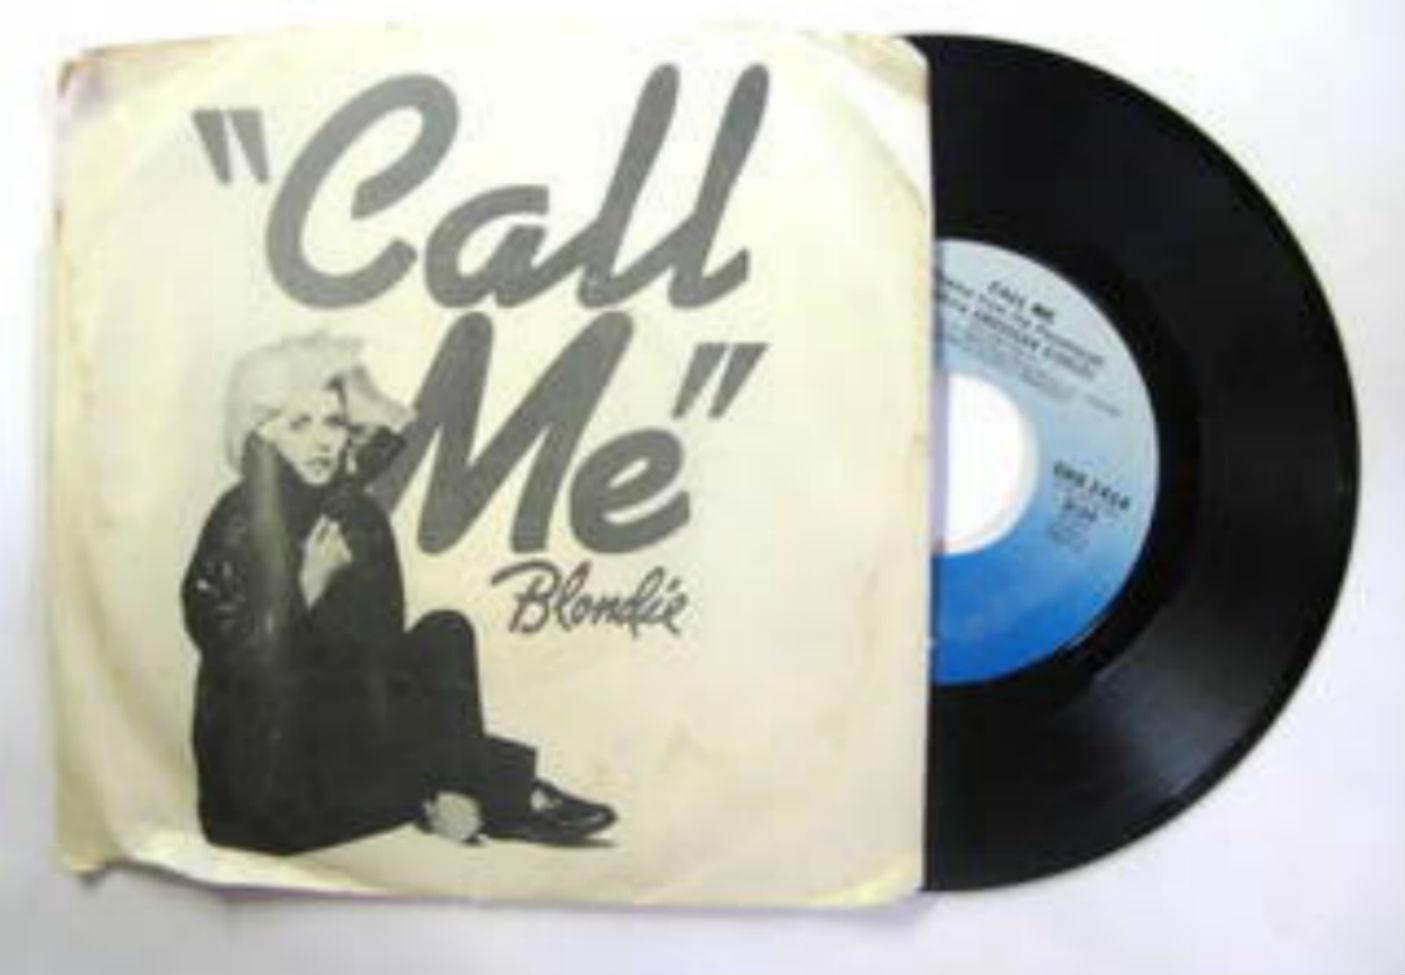 Blondie / Call Me